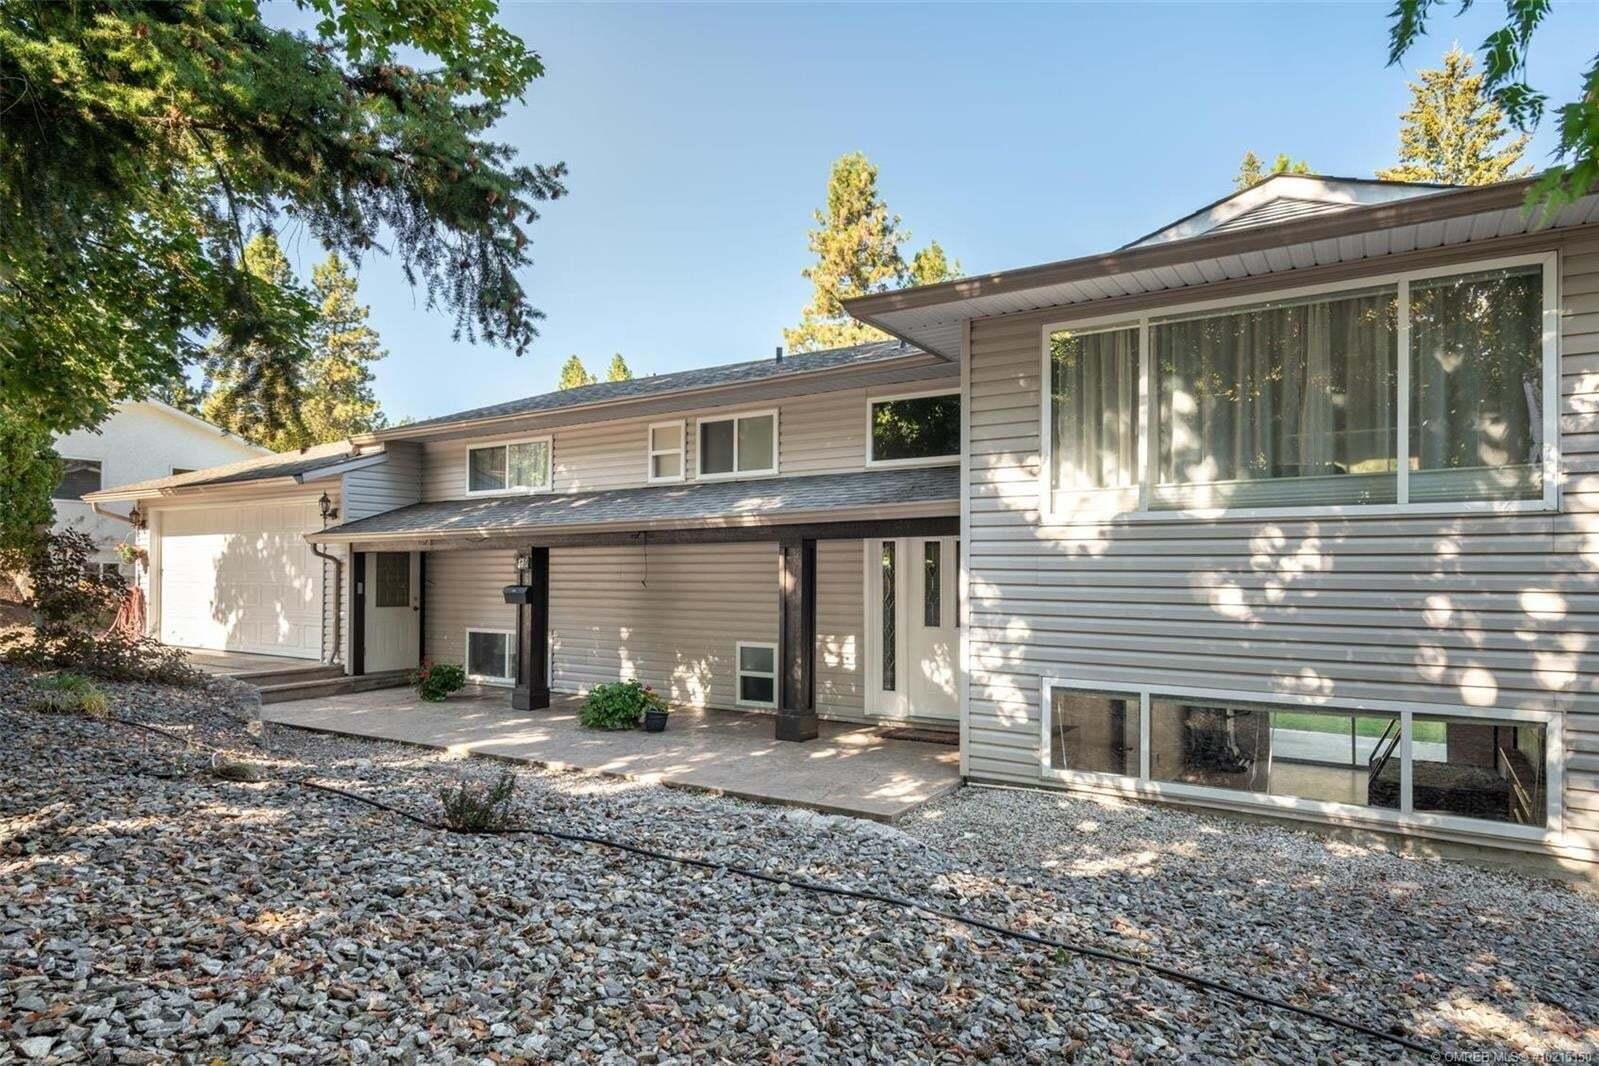 House for sale at 12 Britanico Rd Kelowna British Columbia - MLS: 10215150